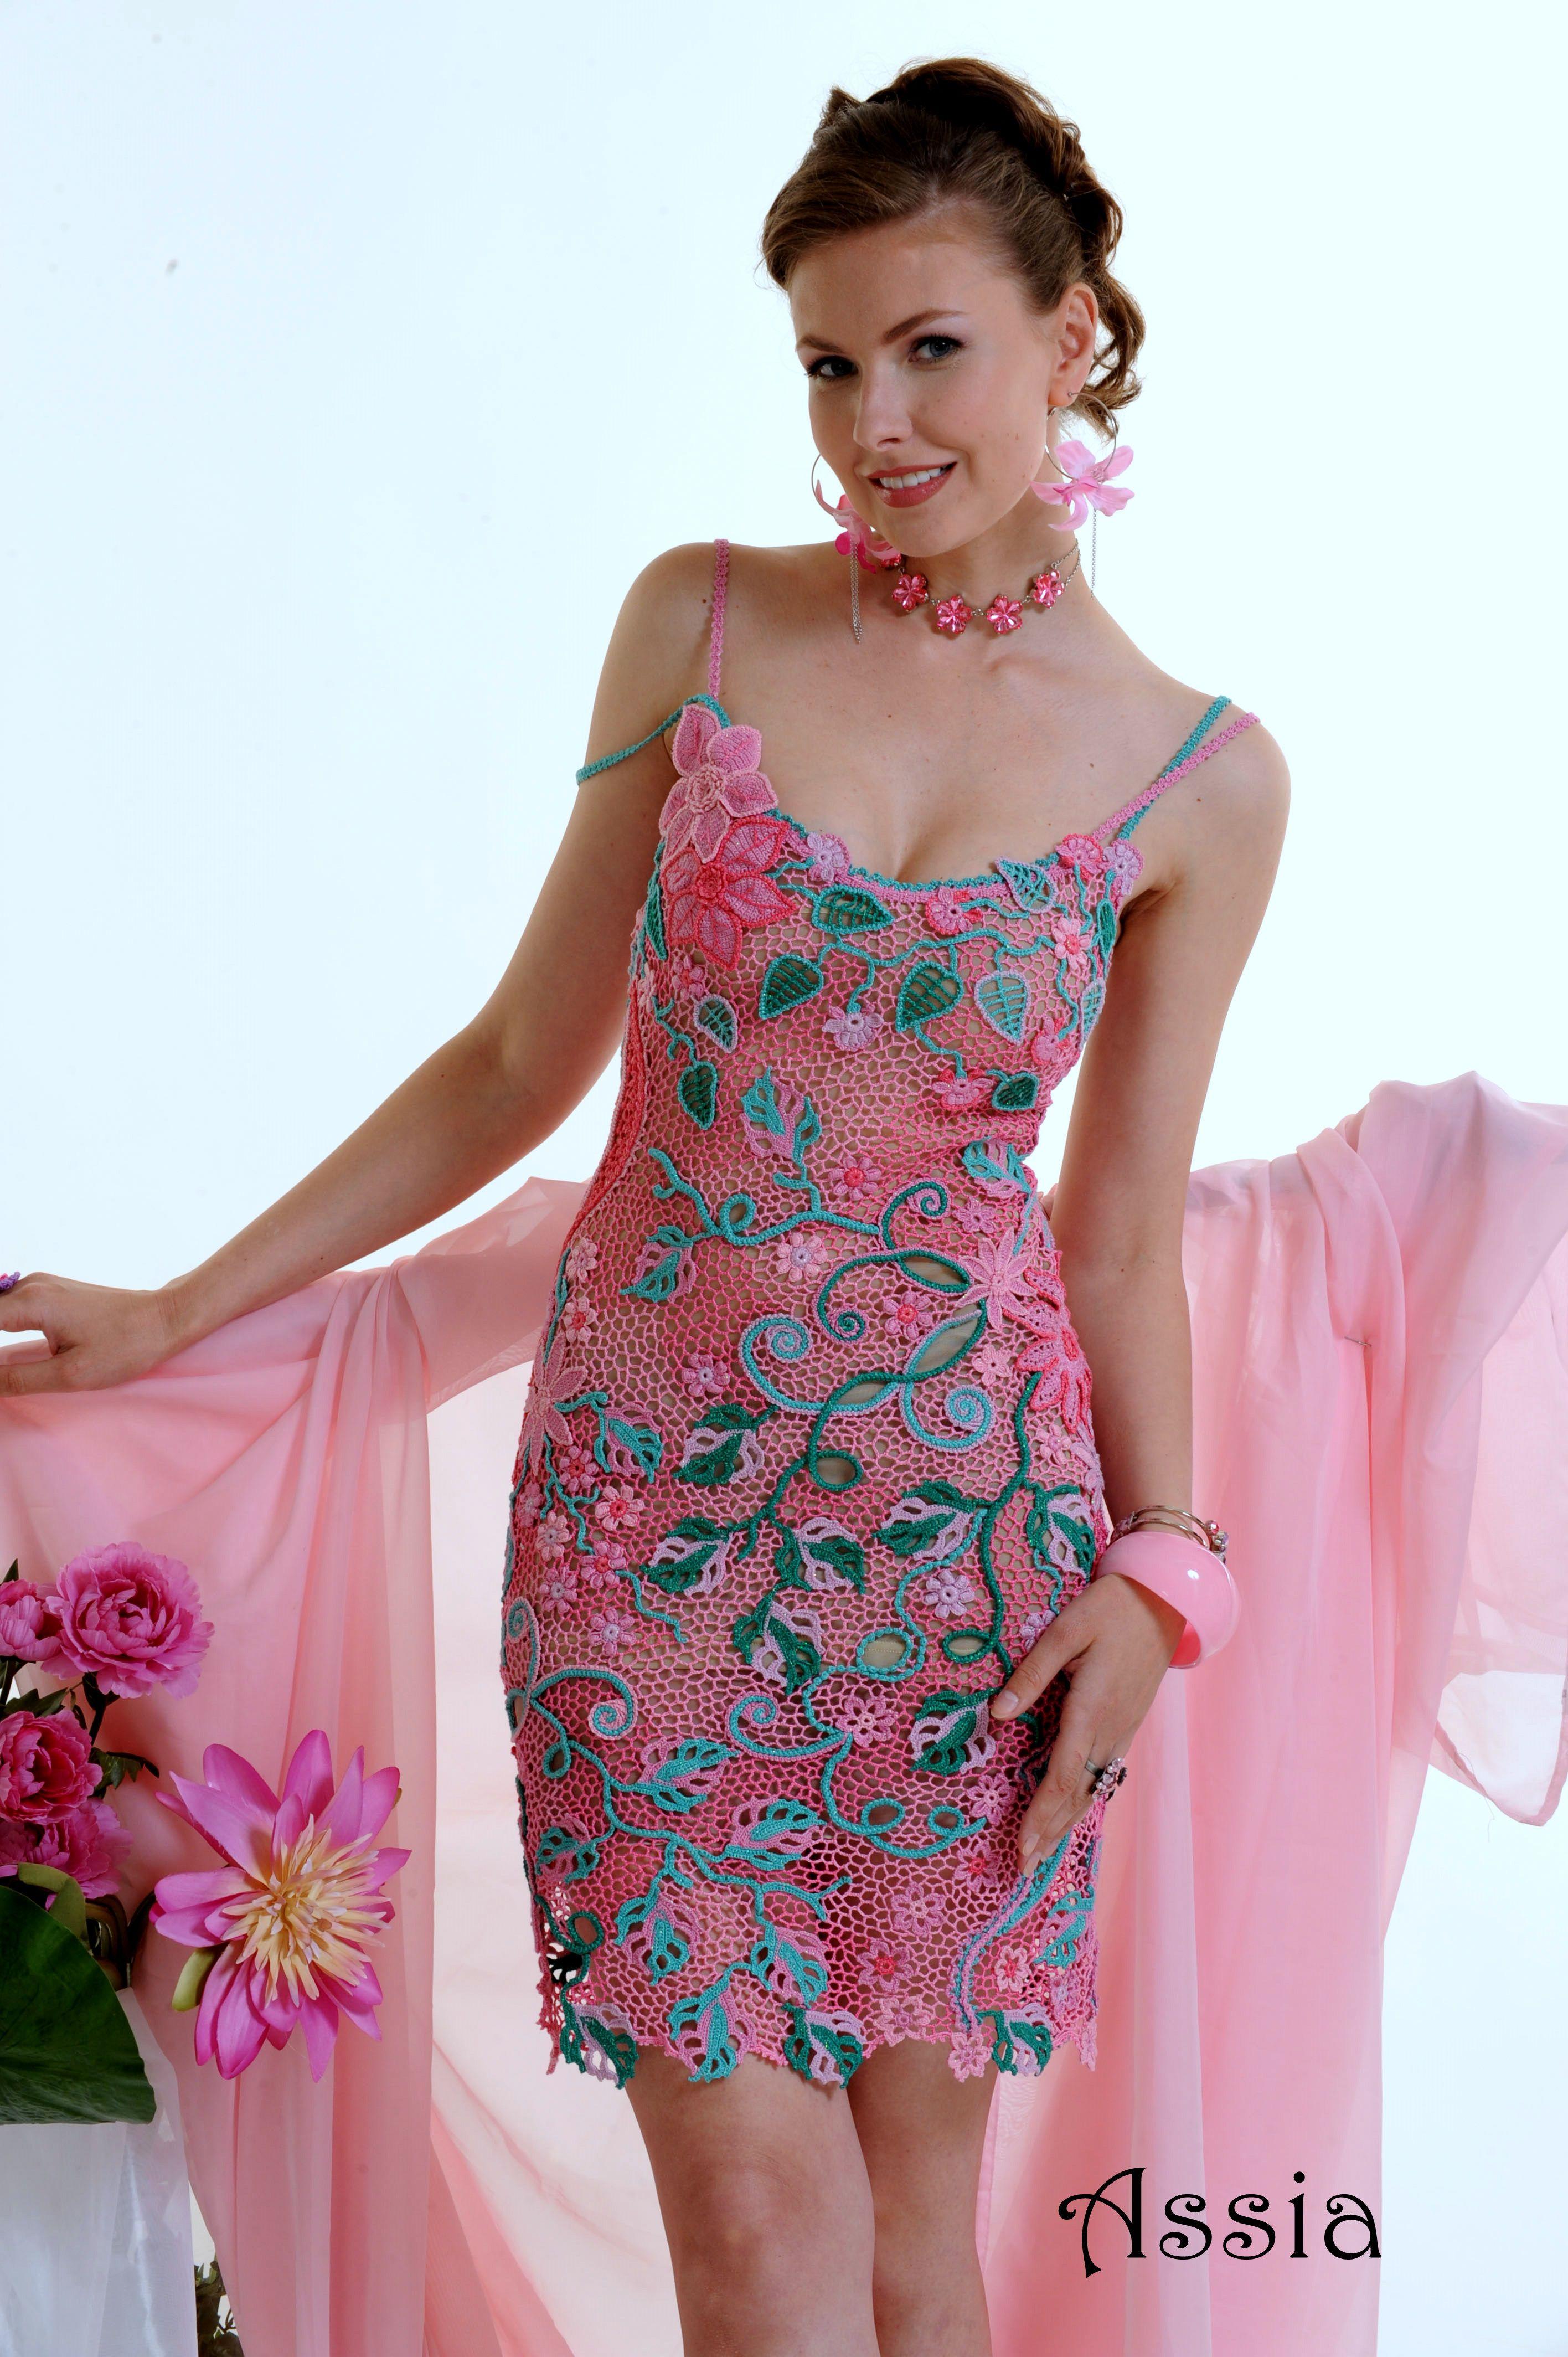 Pin de Maria en costura, customizar, ropa y accesorios. diy ...